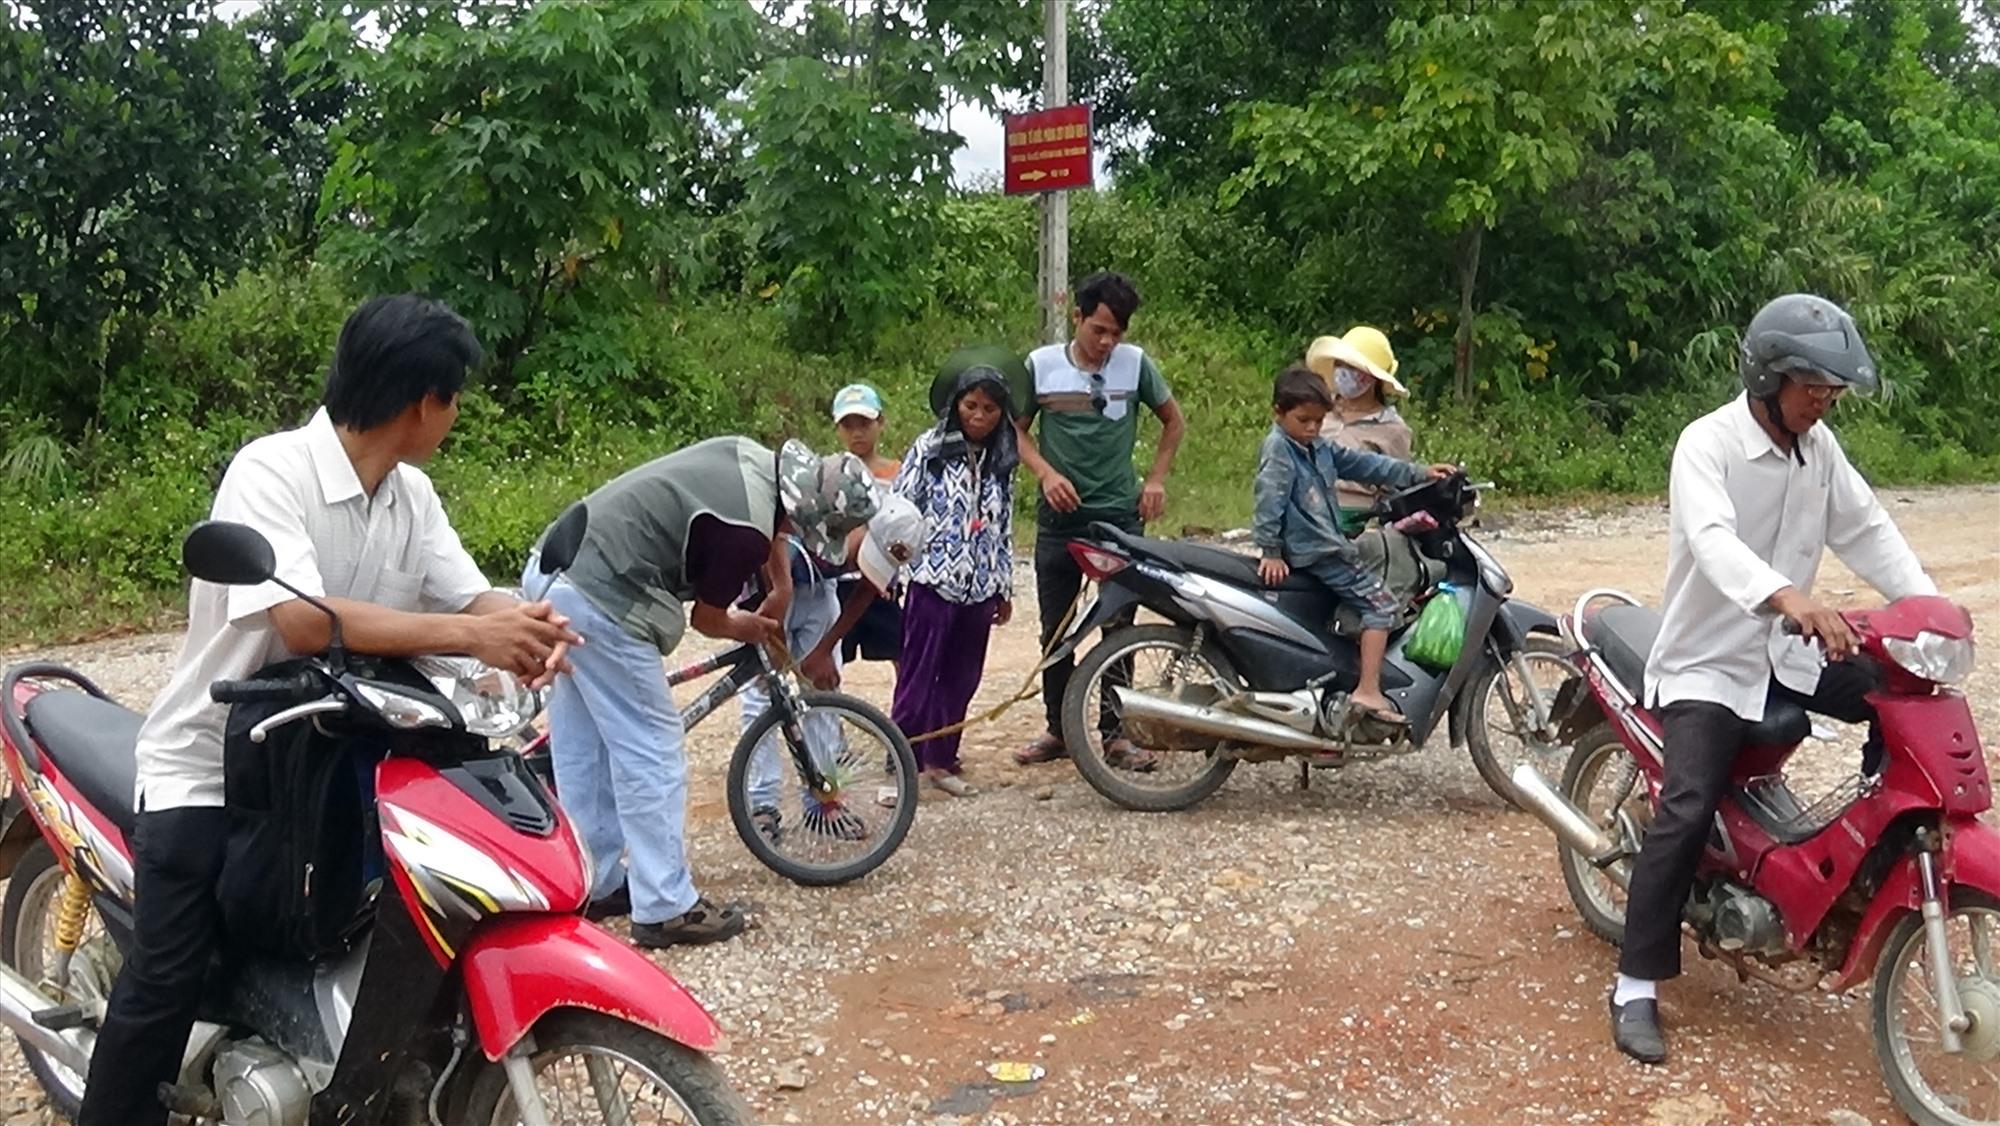 Xe máy hiện là phương tiện phổ biến ở các gia đình miền núi Quảng Nam, khi đường ô tô đi qua bản.